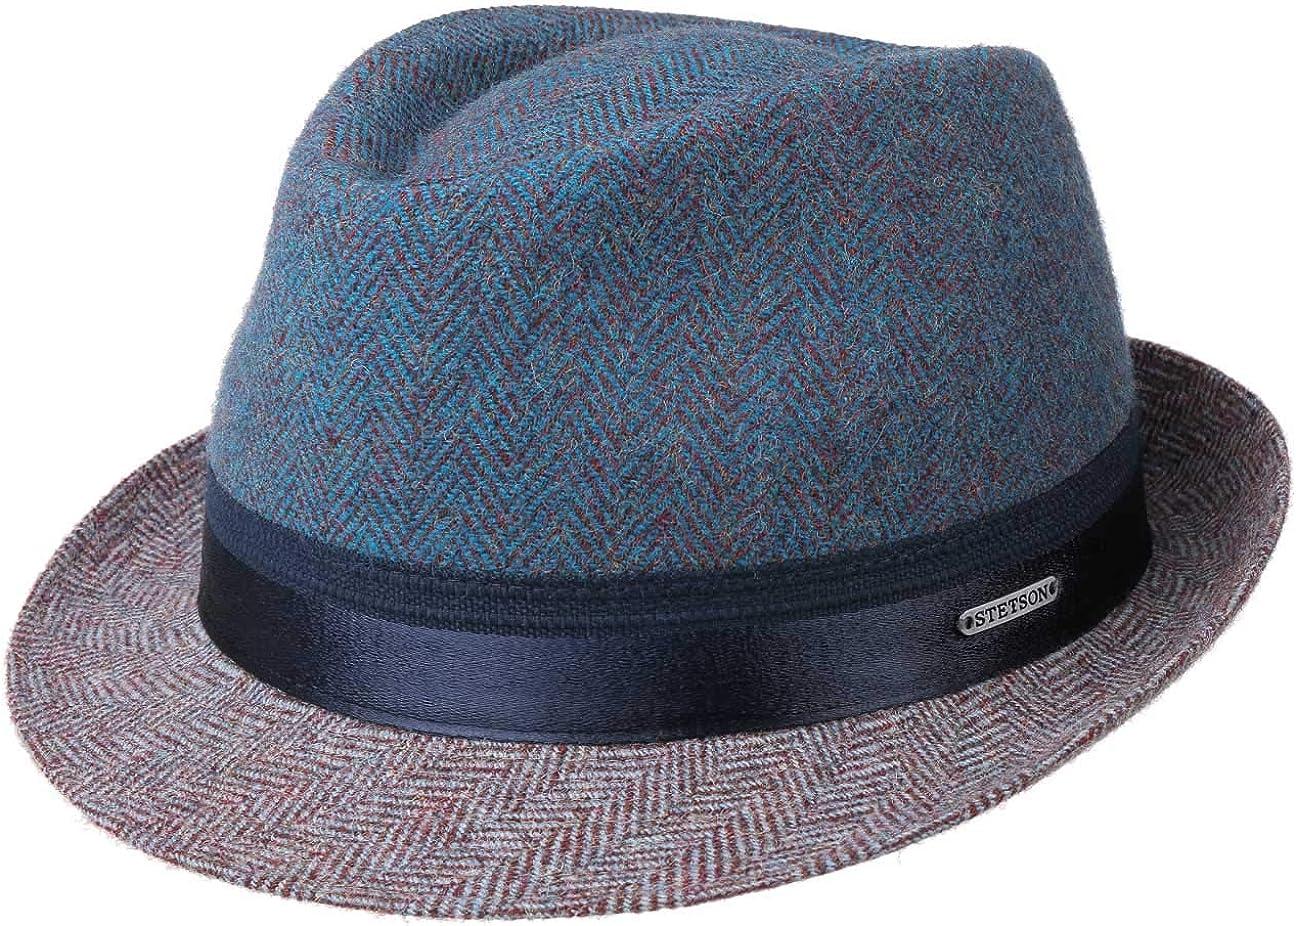 Stetson Trilby Espiga Ross Mujer/Hombre - Made in Italy Sombrero de Hombre Sombreros Moda con Forro otoño/Invierno